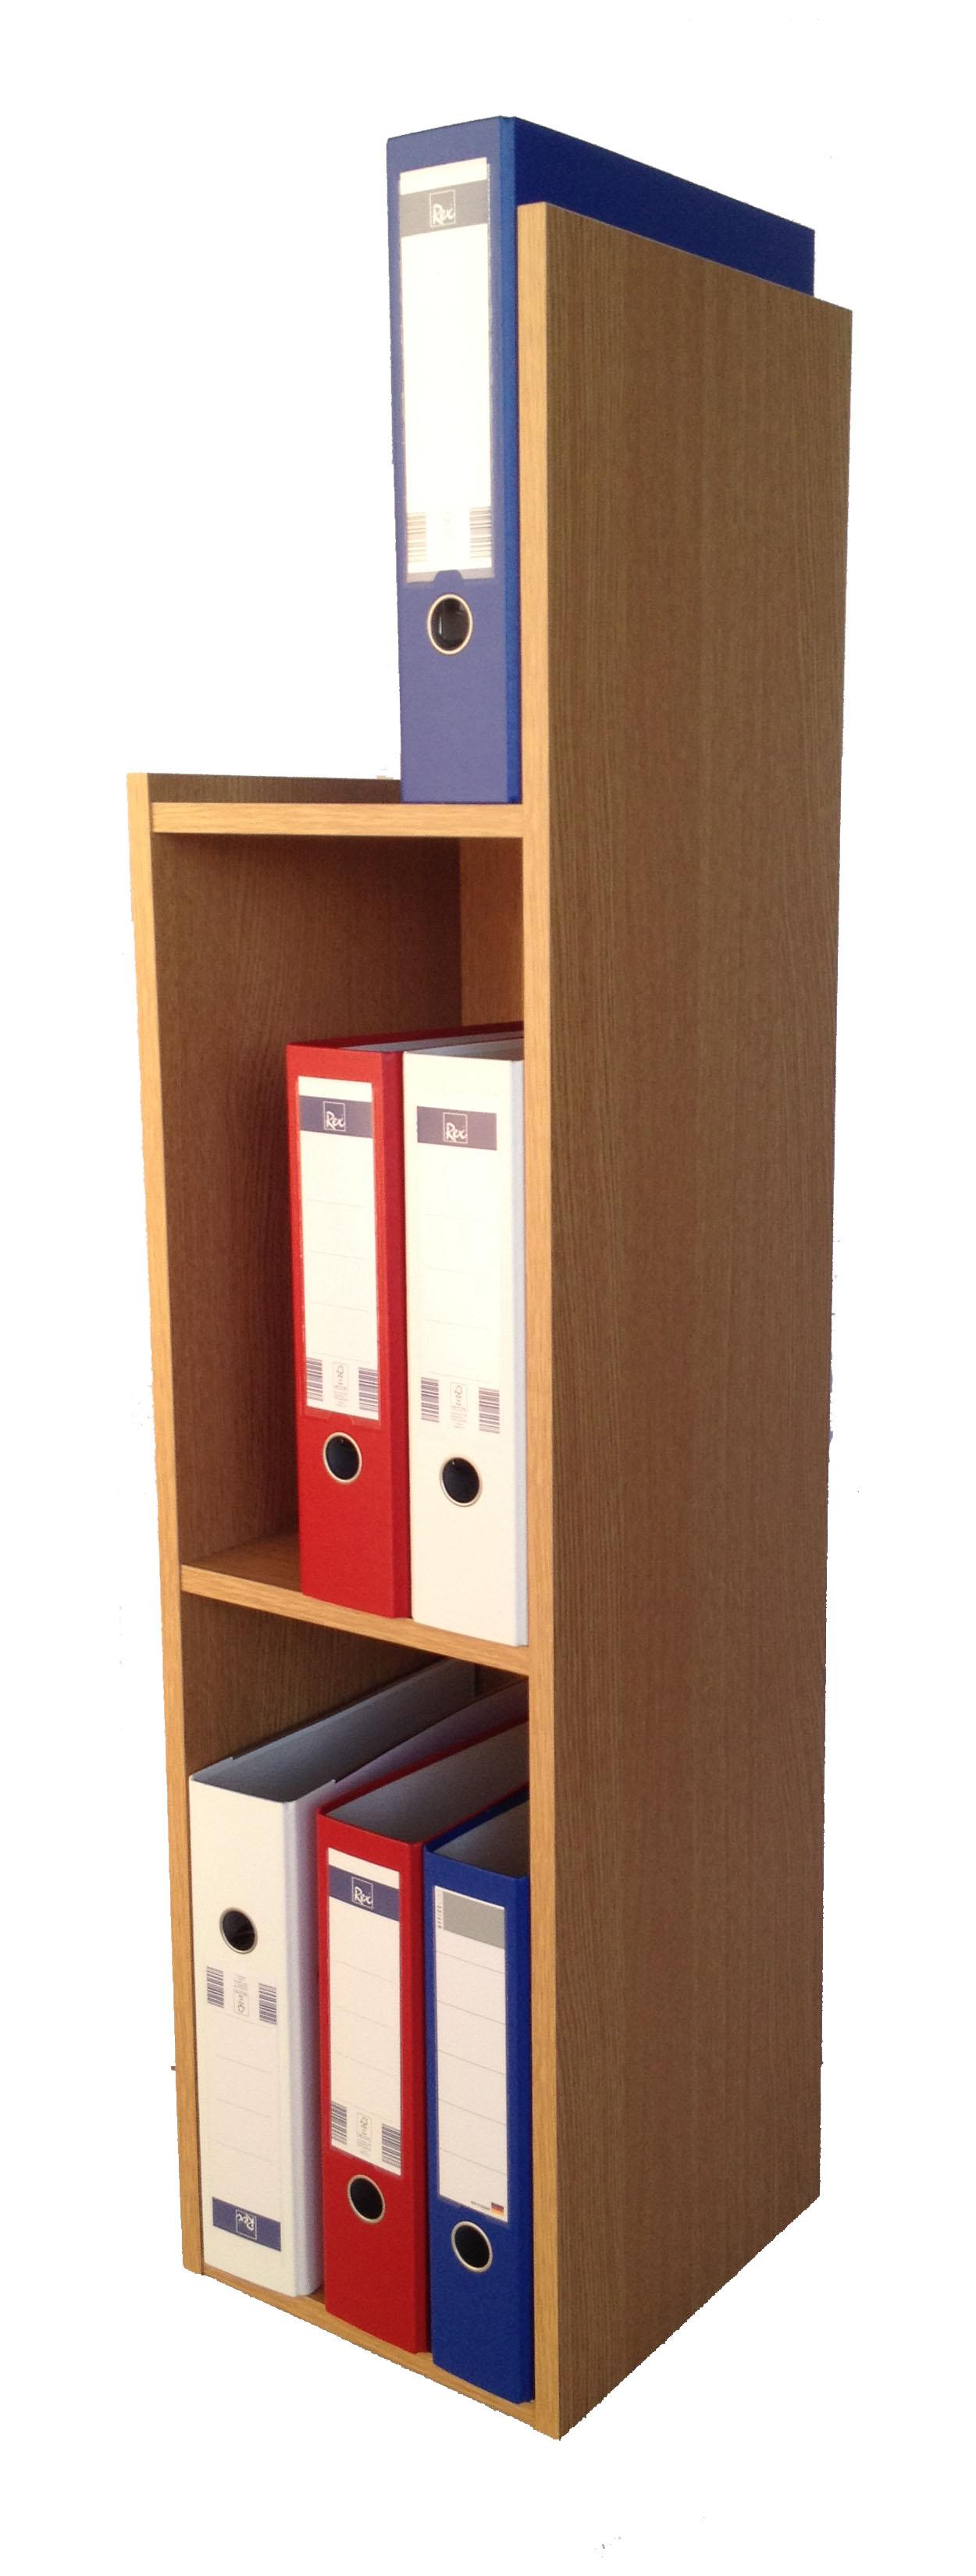 standregal wandregal h ngeregal aktenregal r471 erle eiche natur rustikal ebay. Black Bedroom Furniture Sets. Home Design Ideas